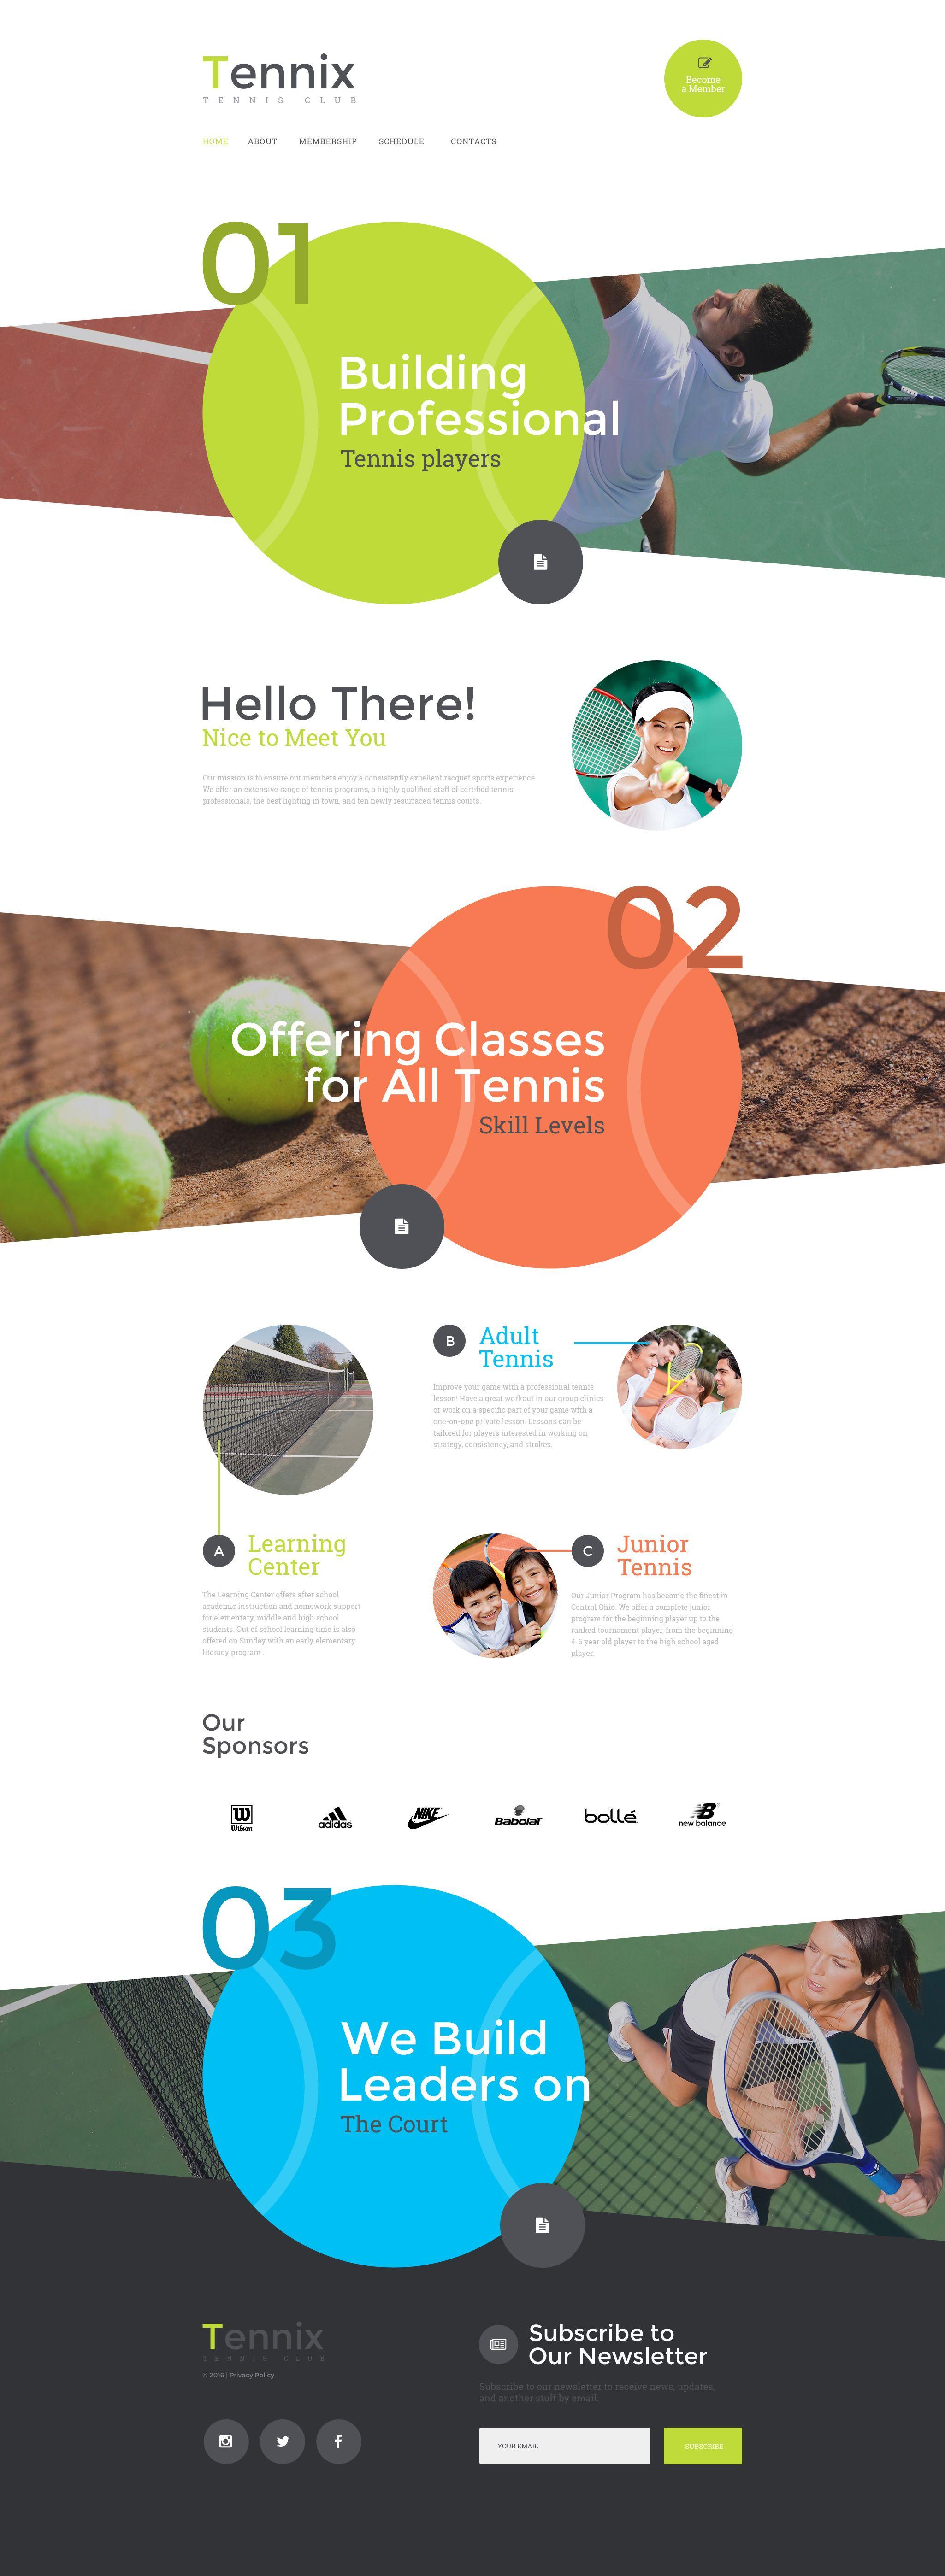 tennix website template design och inspiration